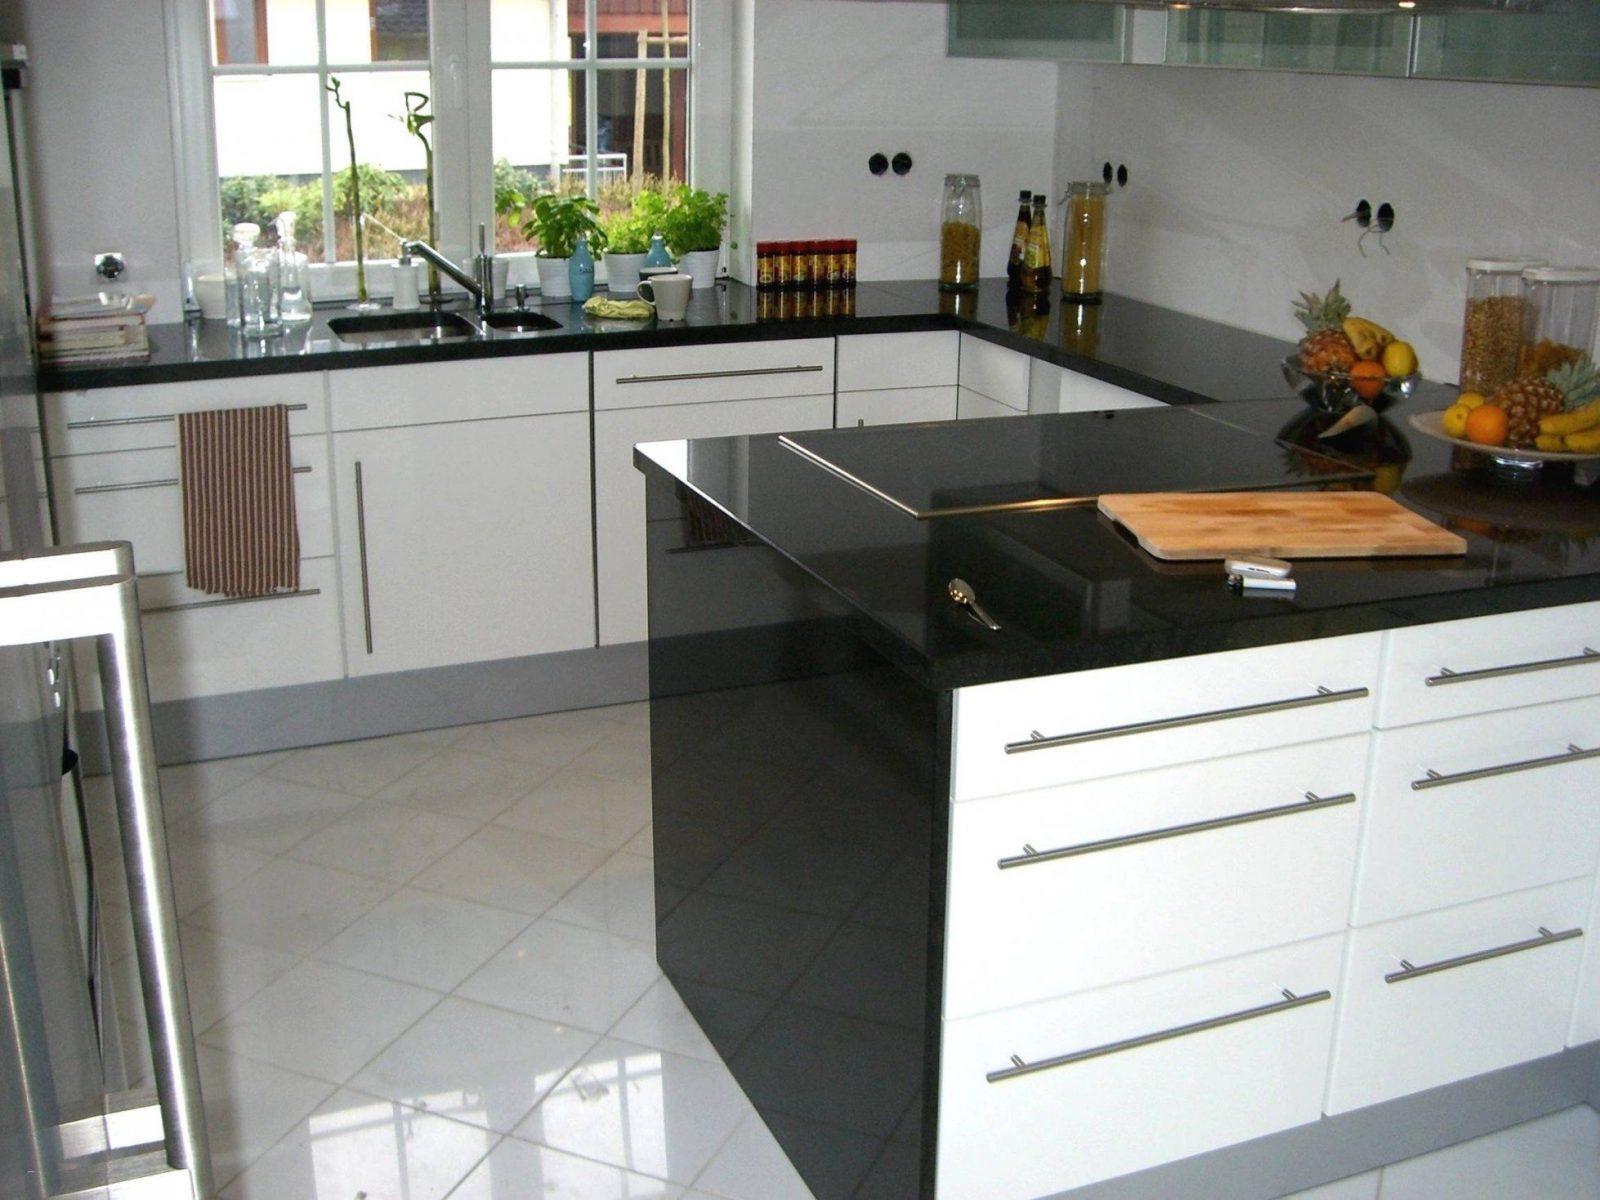 Beton Küche Selber Bauen Liebenswert Tolle Küche Selber Bauen Aus von Beton Küche Selber Bauen Bild